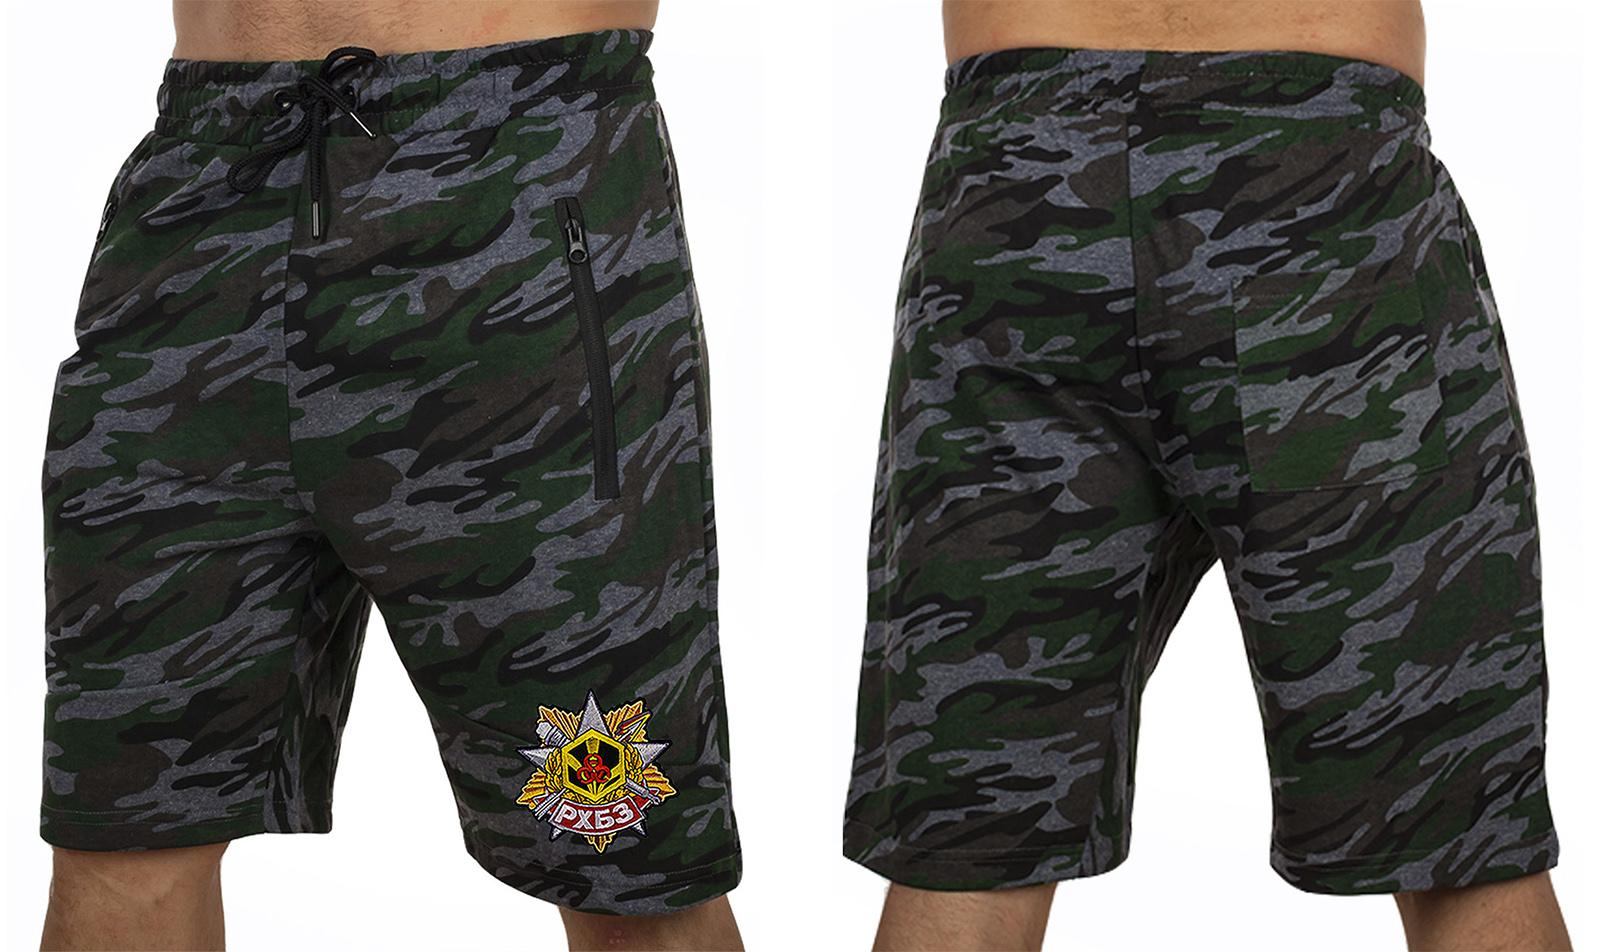 Армейские камуфляжные шорты с карманами и нашивкой РХБЗ - заказать в Военпро